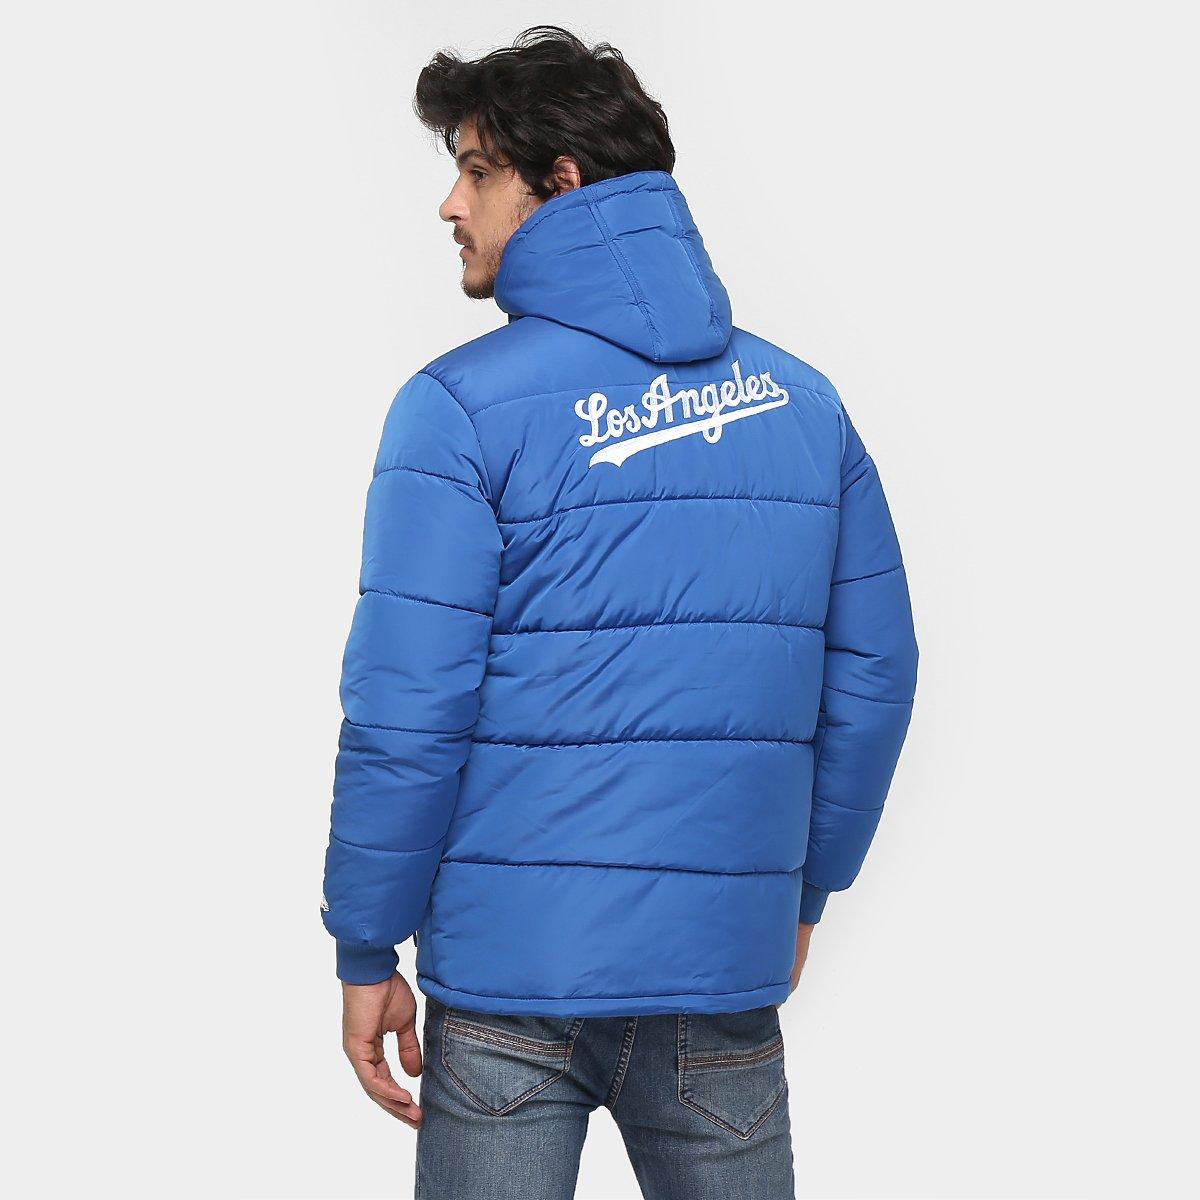 Jaqueta New Era MLB Bomber Perm. Los Angeles Dodgers - Compre Agora ... 81164f29210